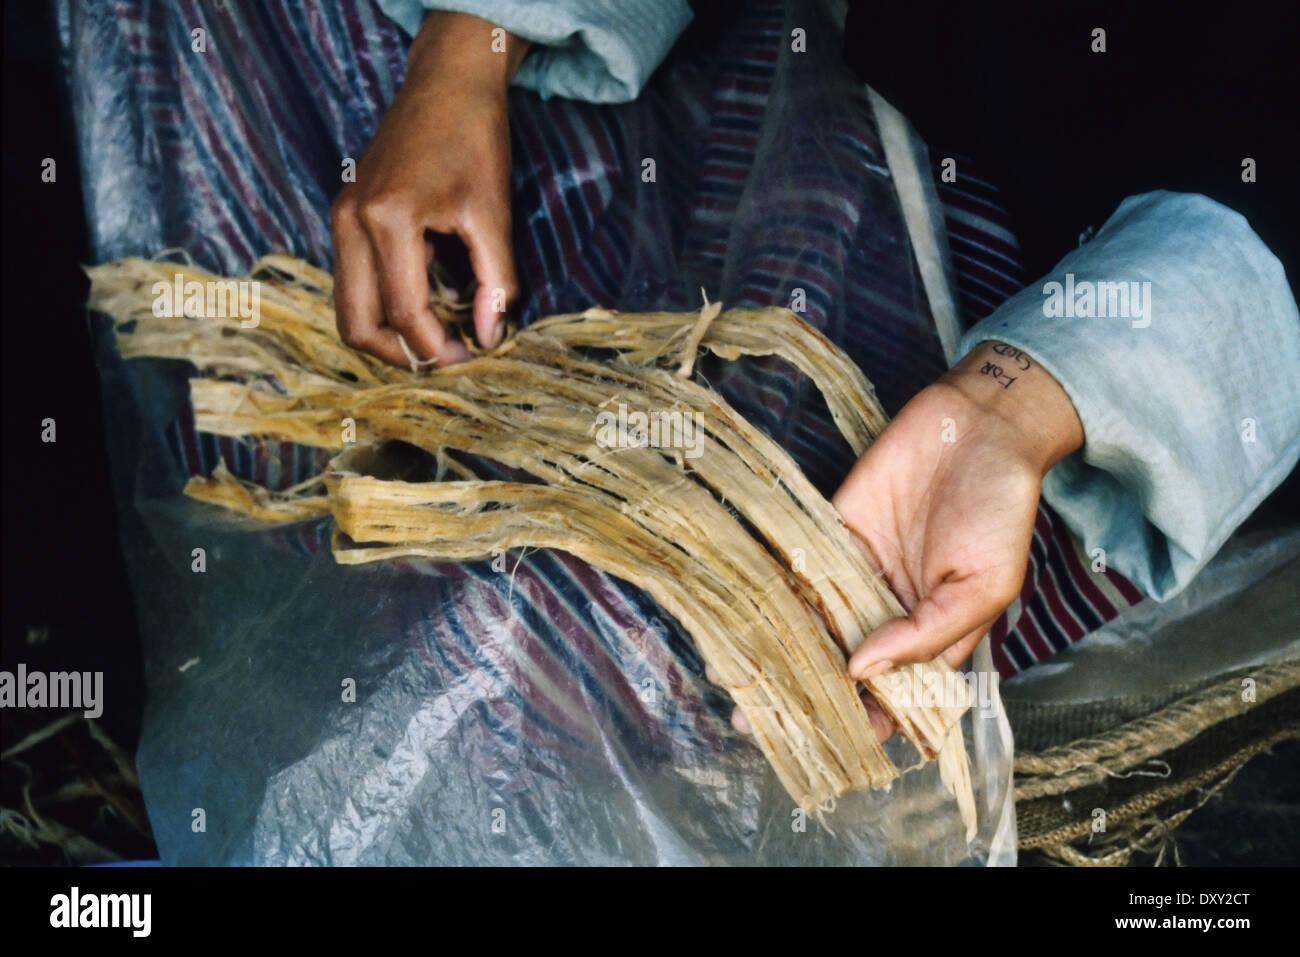 Fractionnement du travailleur roseaux pour papier fait main d'une usine à Thimphu, Bhoutan. Photo Stock